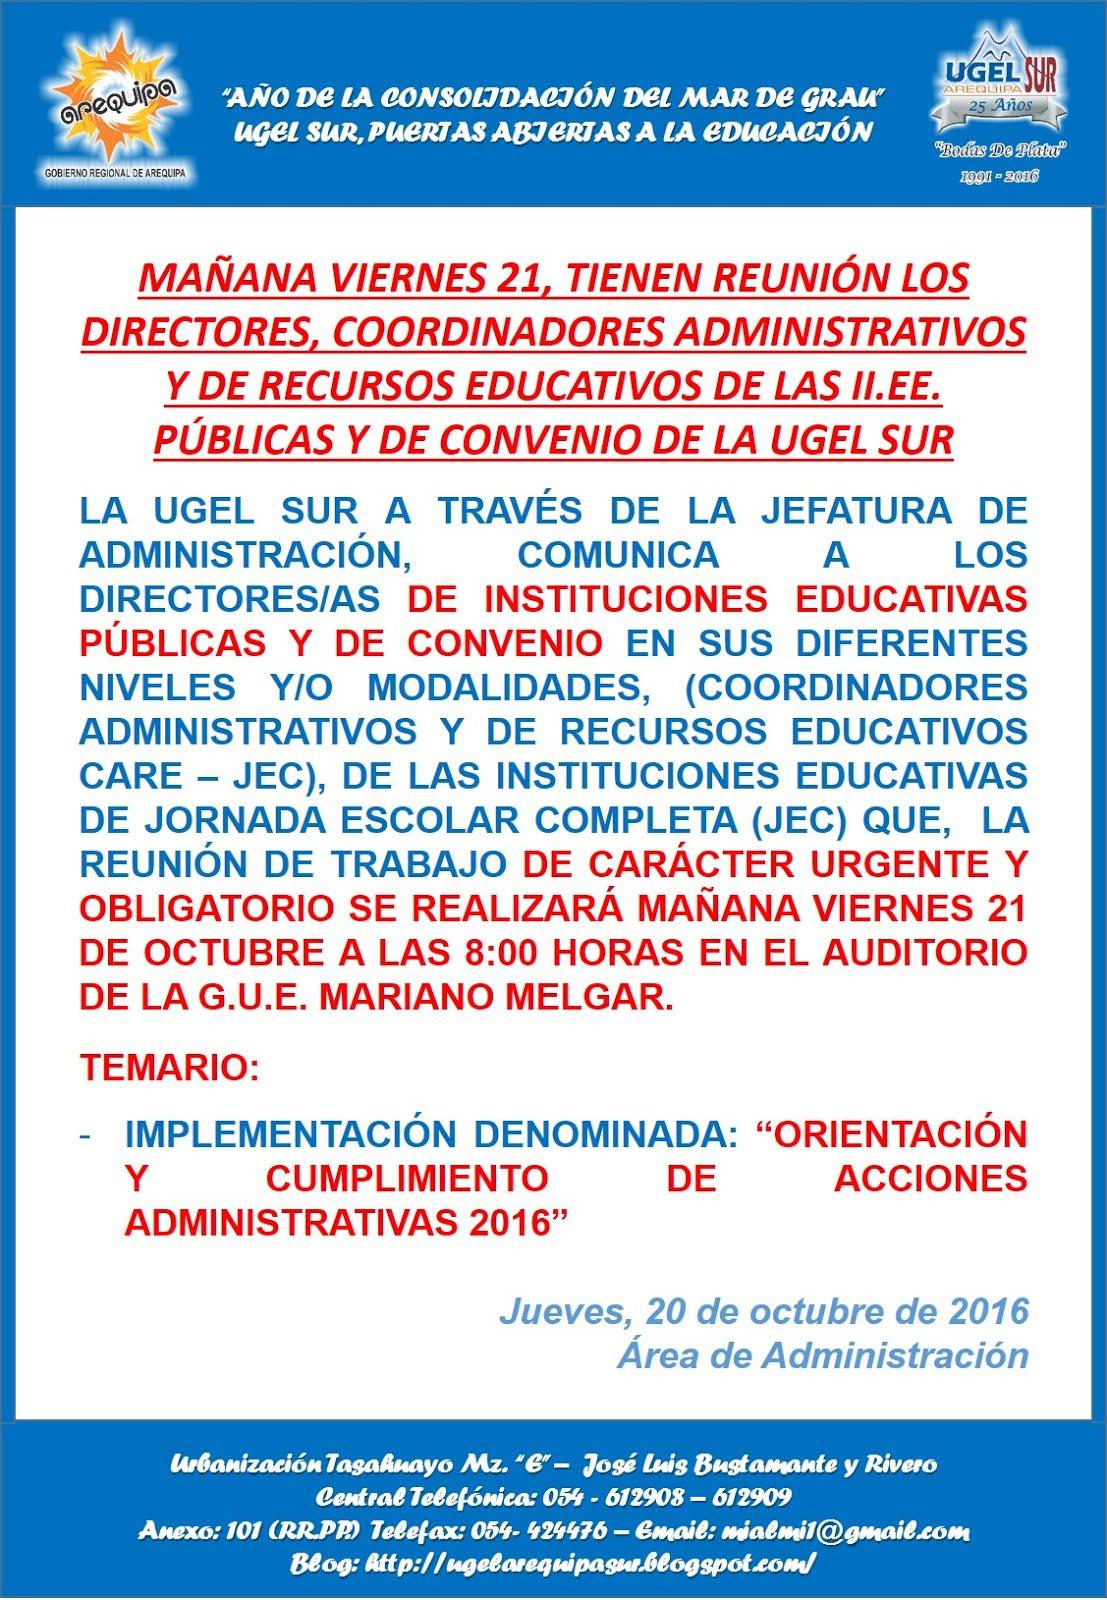 REUNIÓN LOS DIRECTORES, COORDINADORES ADMINISTRATIVOS Y DE RECURSOS EDUCATIVOS DE LAS II.EE. DE JEC